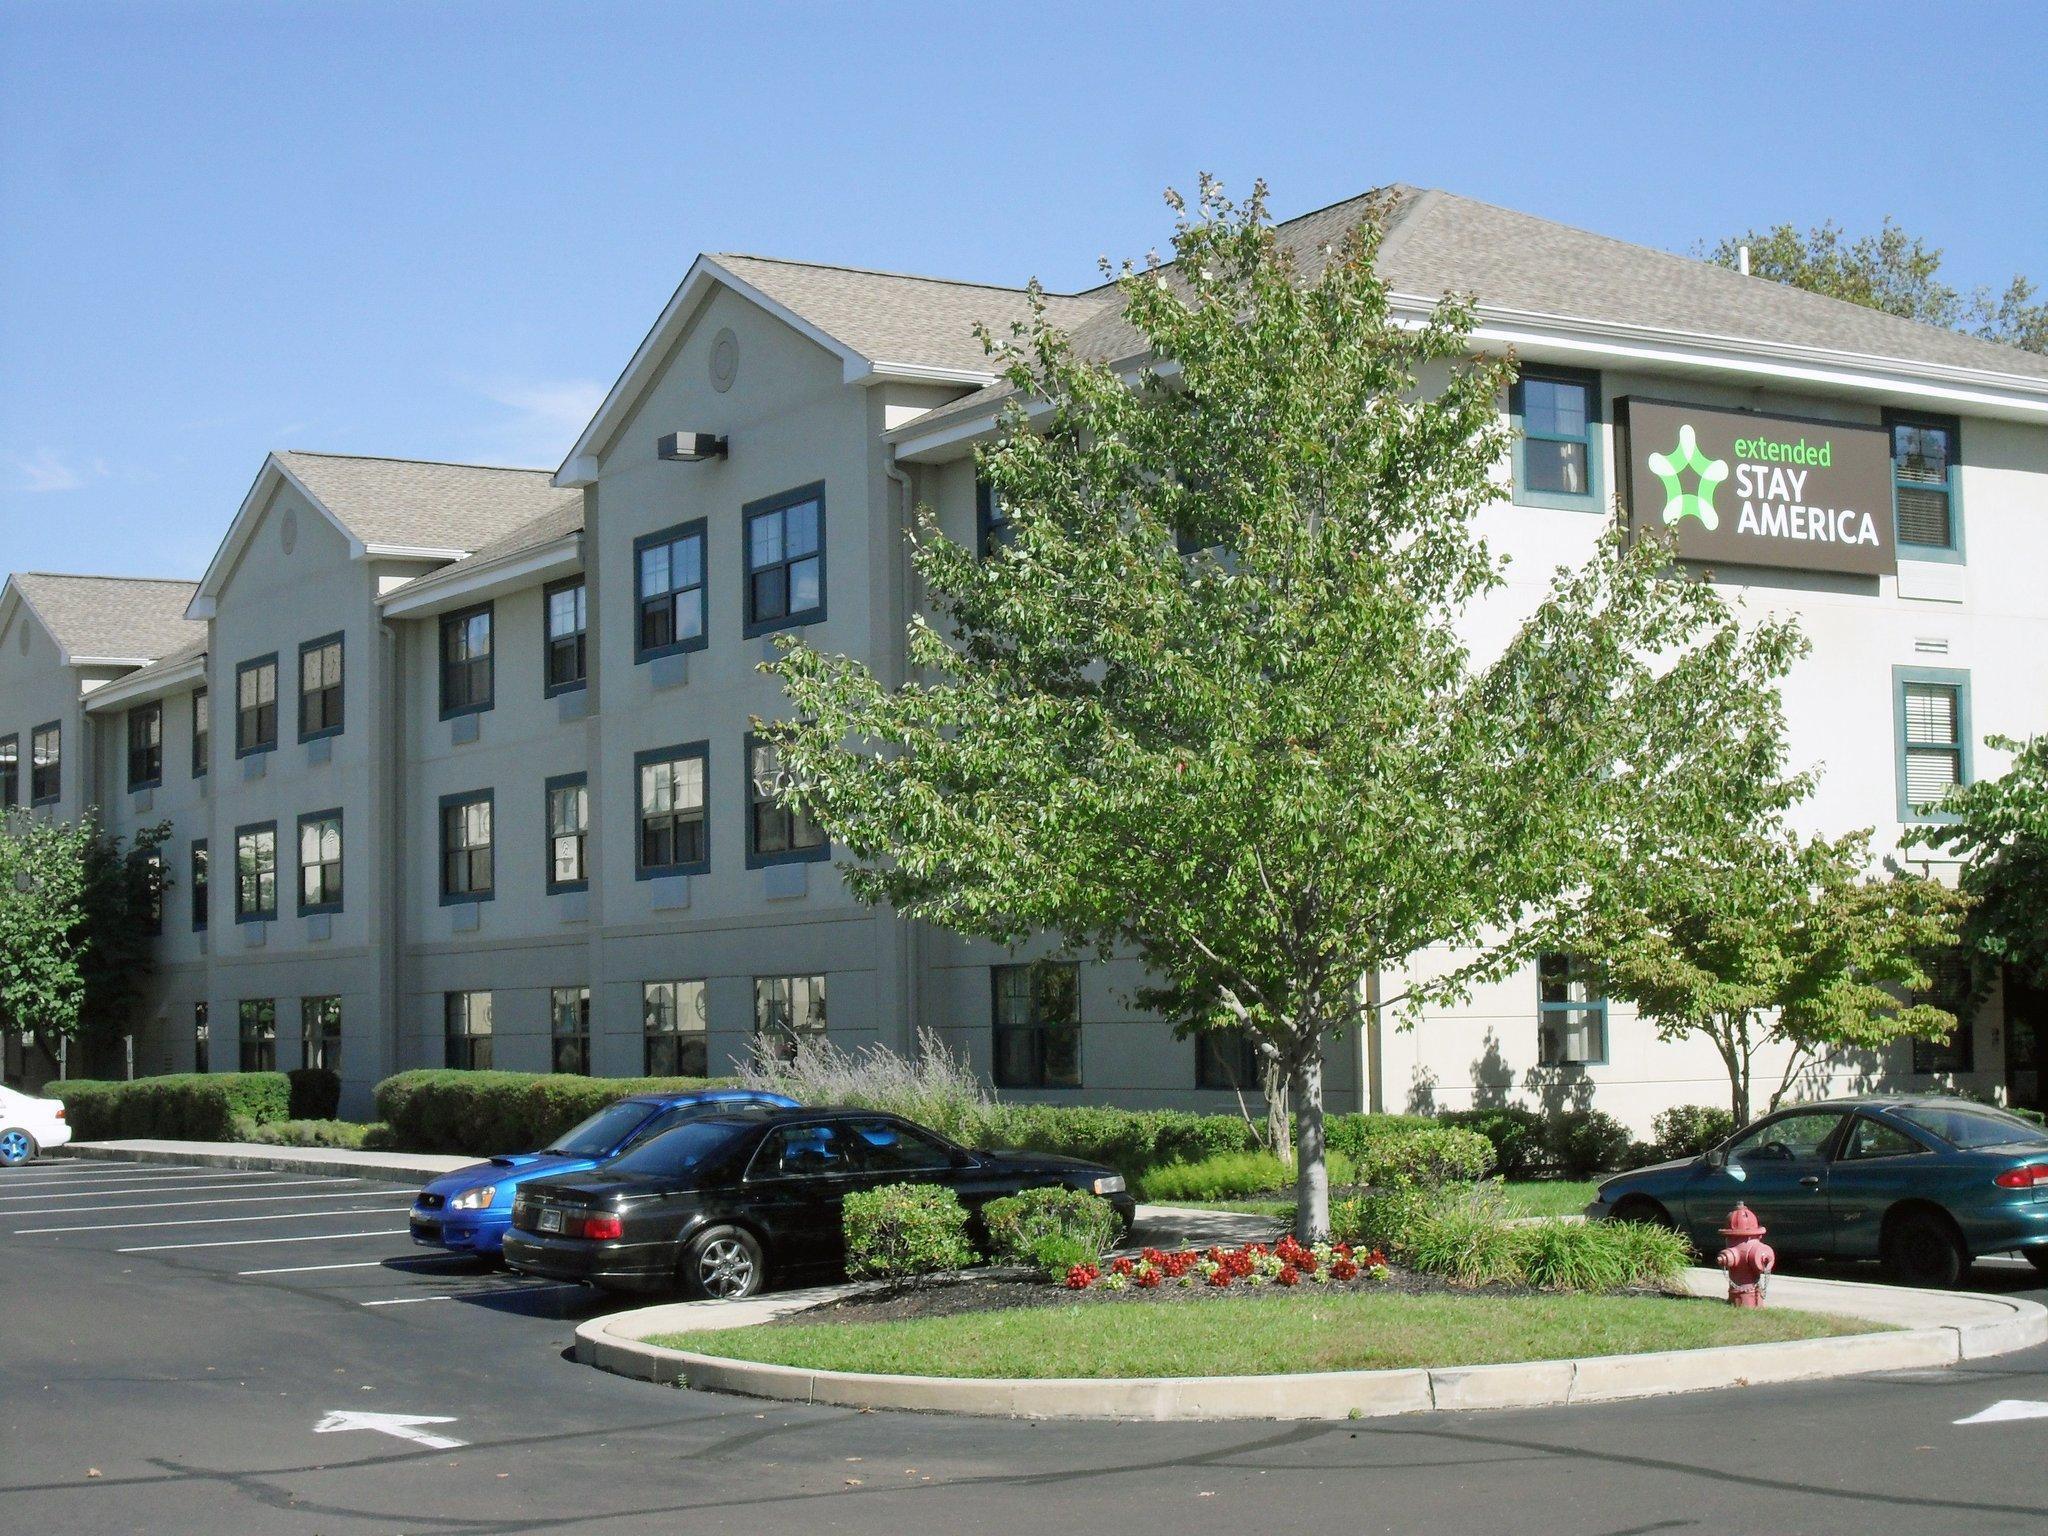 Extended Stay America Philadelphia Horsham Welsh Rd